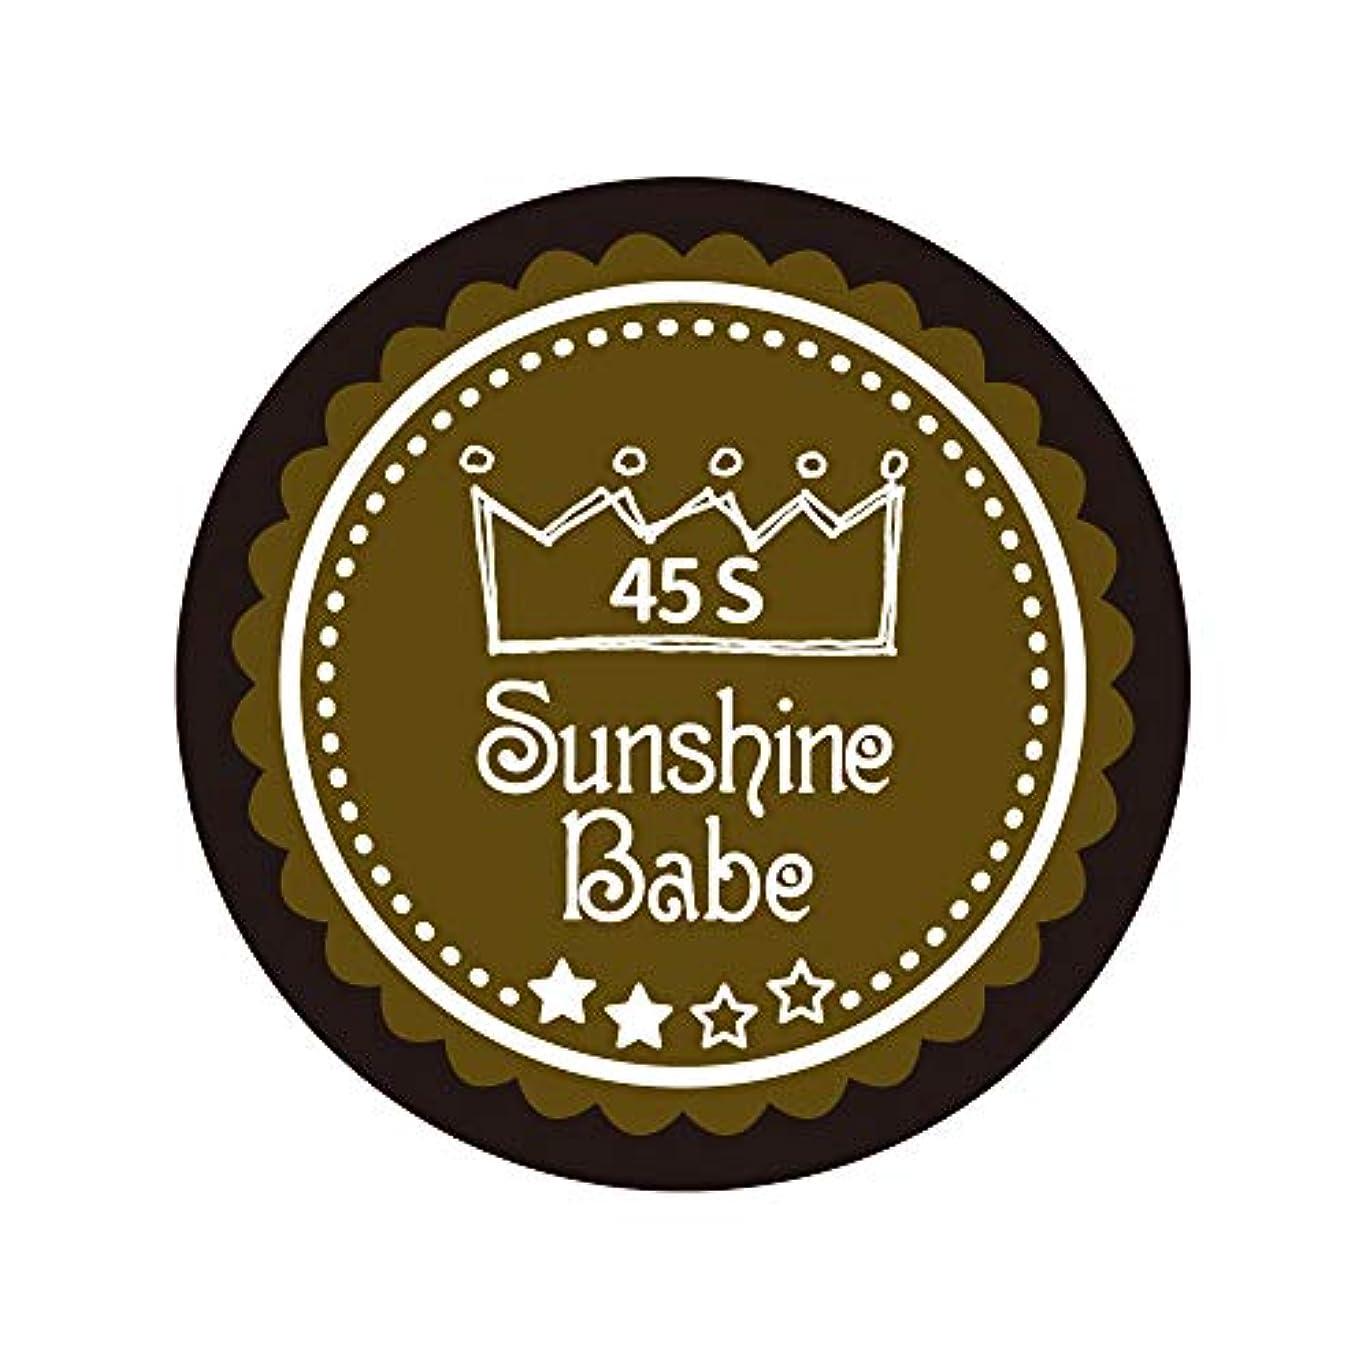 ブロックする十分です市町村Sunshine Babe カラージェル 45S マティーニオリーブ 2.7g UV/LED対応